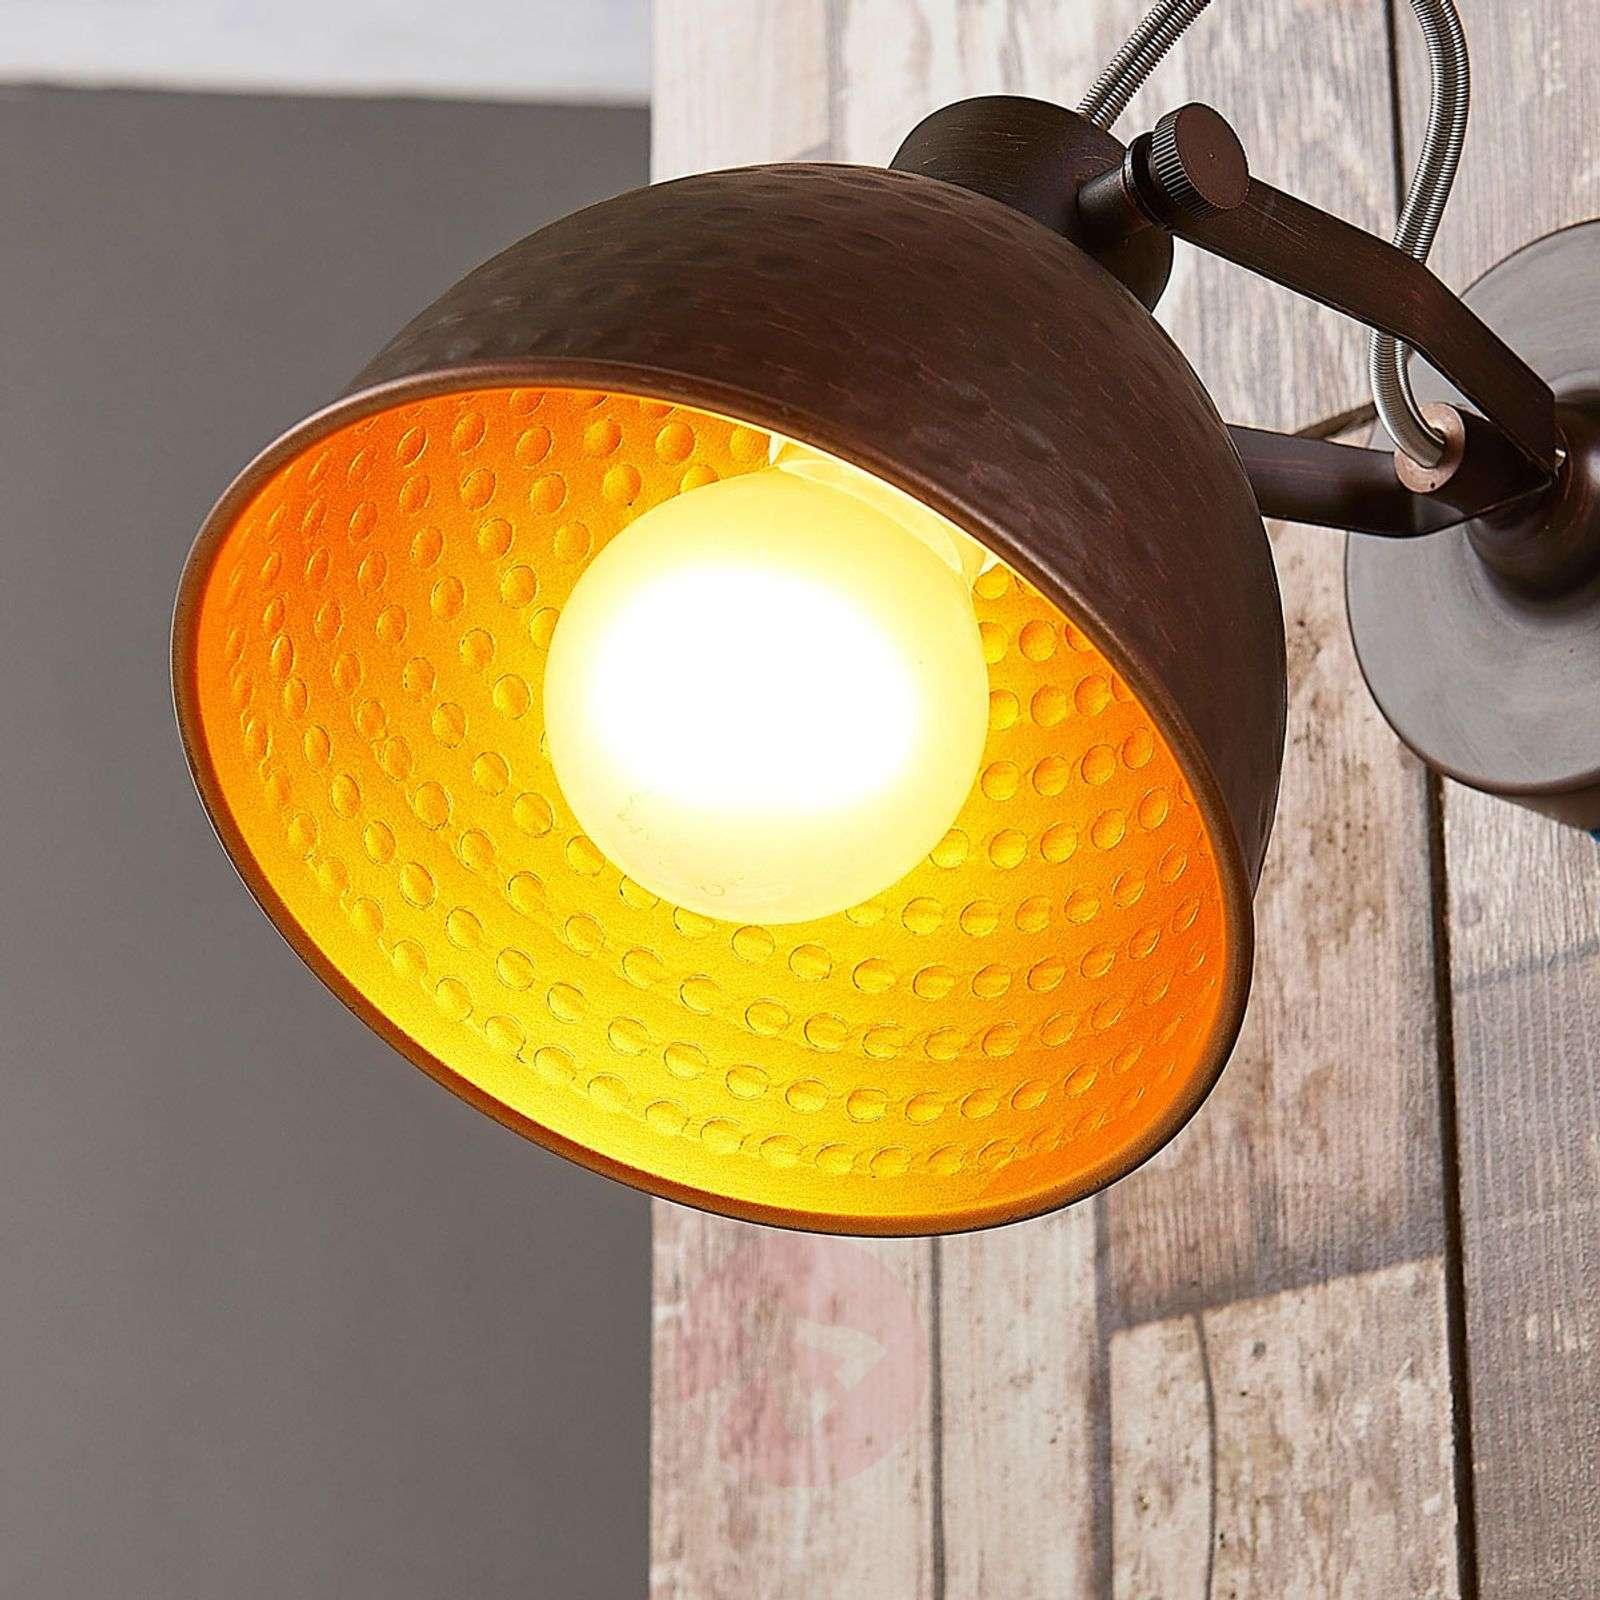 Mirielle ruskea seinävalaisin, sisältä oranssi-9621445-024